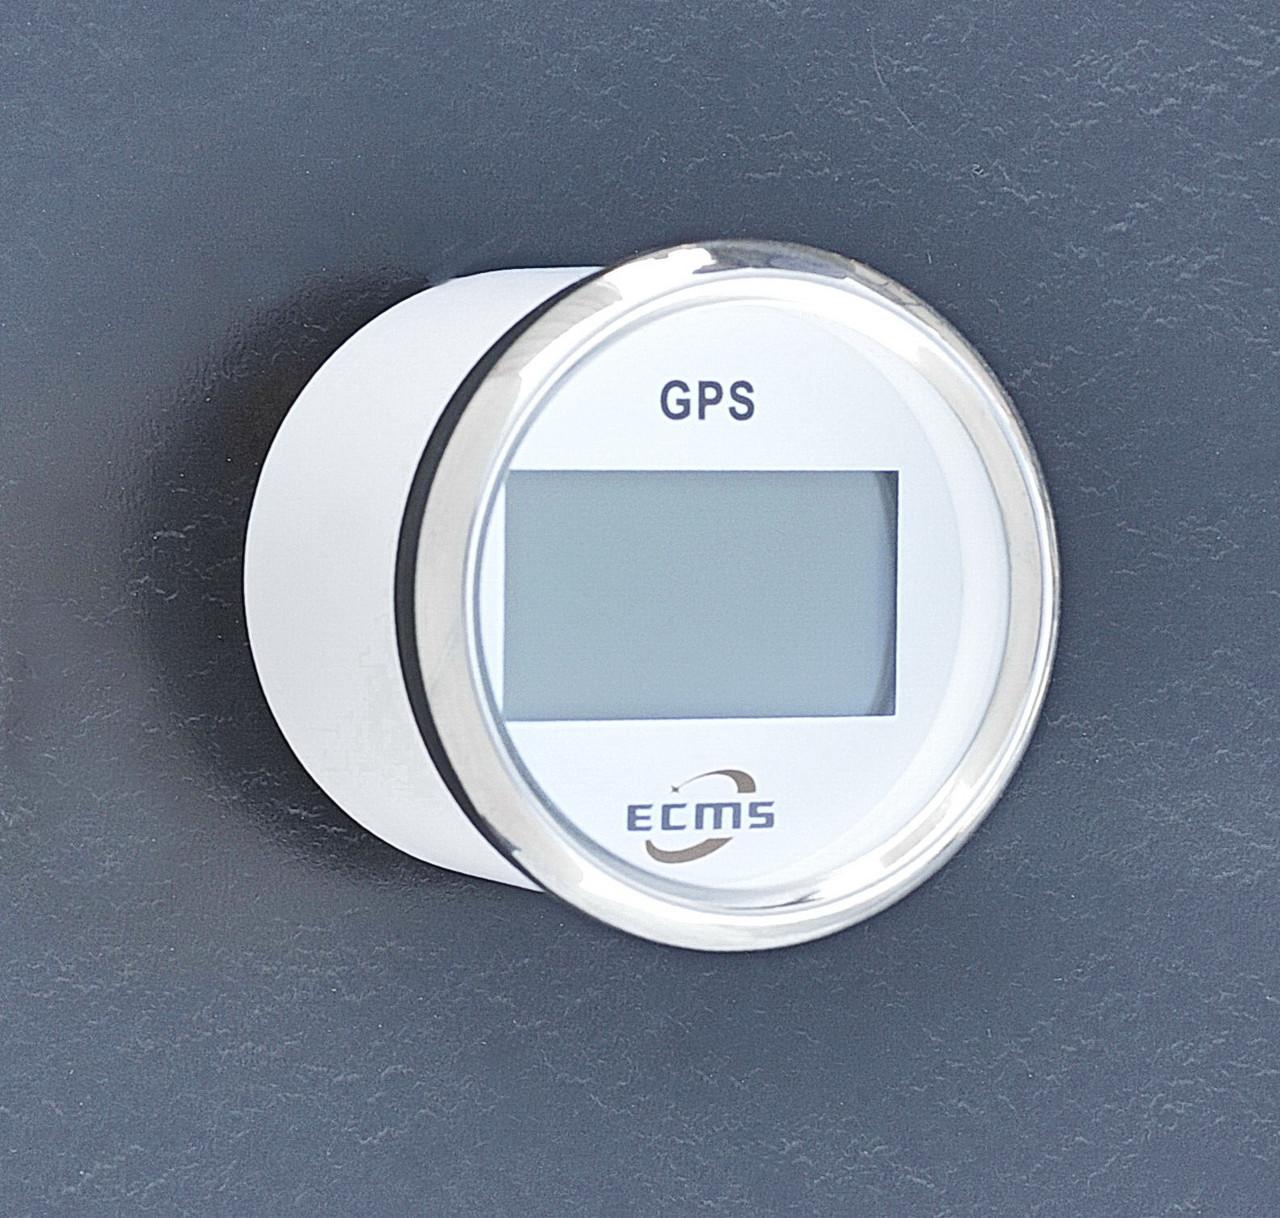 GPS спидометр с компасом ECMS (белый) - Vkladovke.com.ua в Днепре